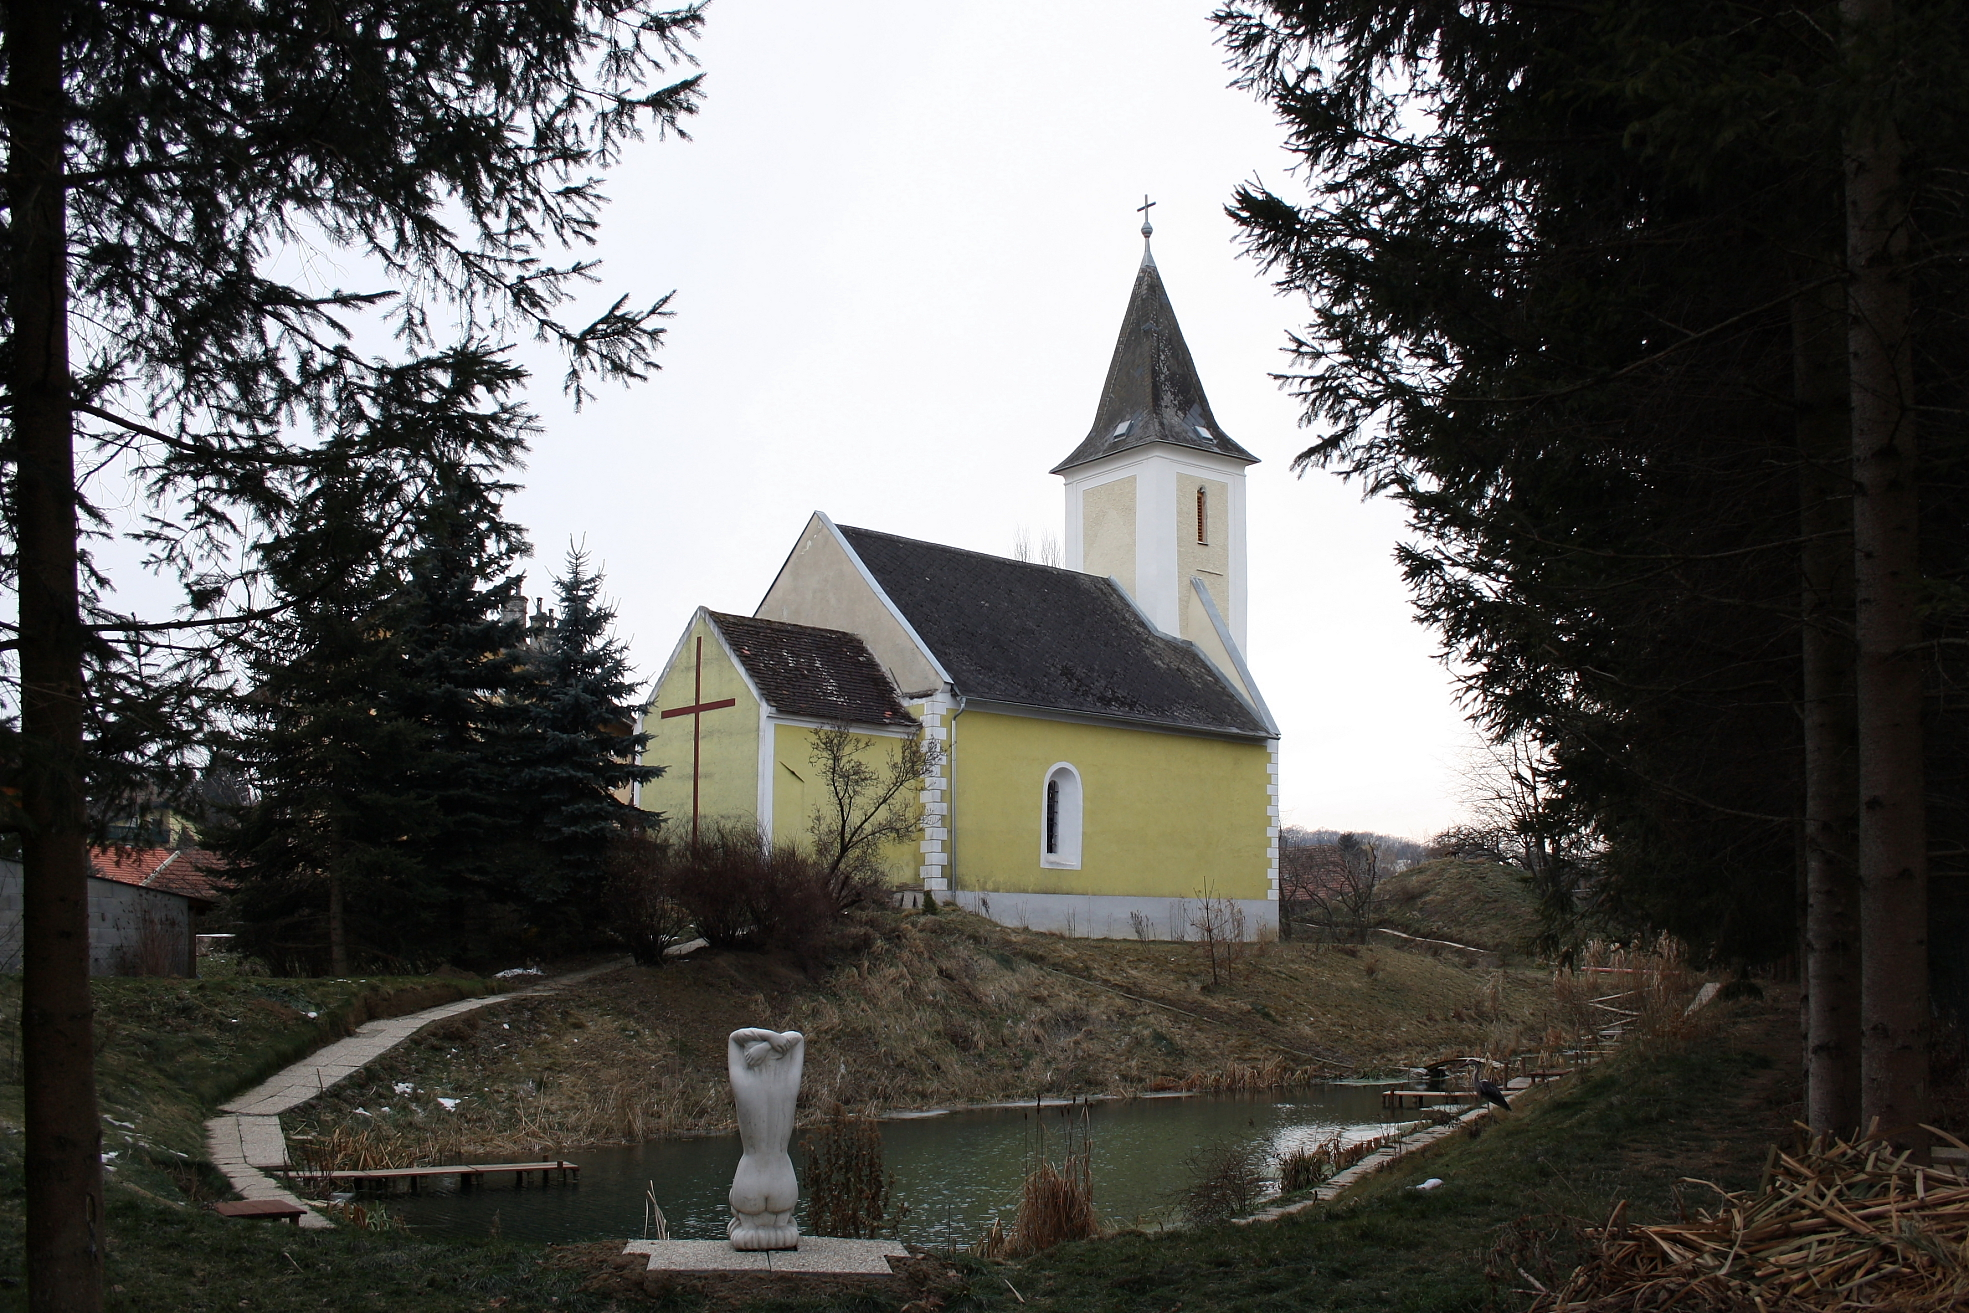 Kontaktanzeigen Seebach (Villach) | Locanto Dating